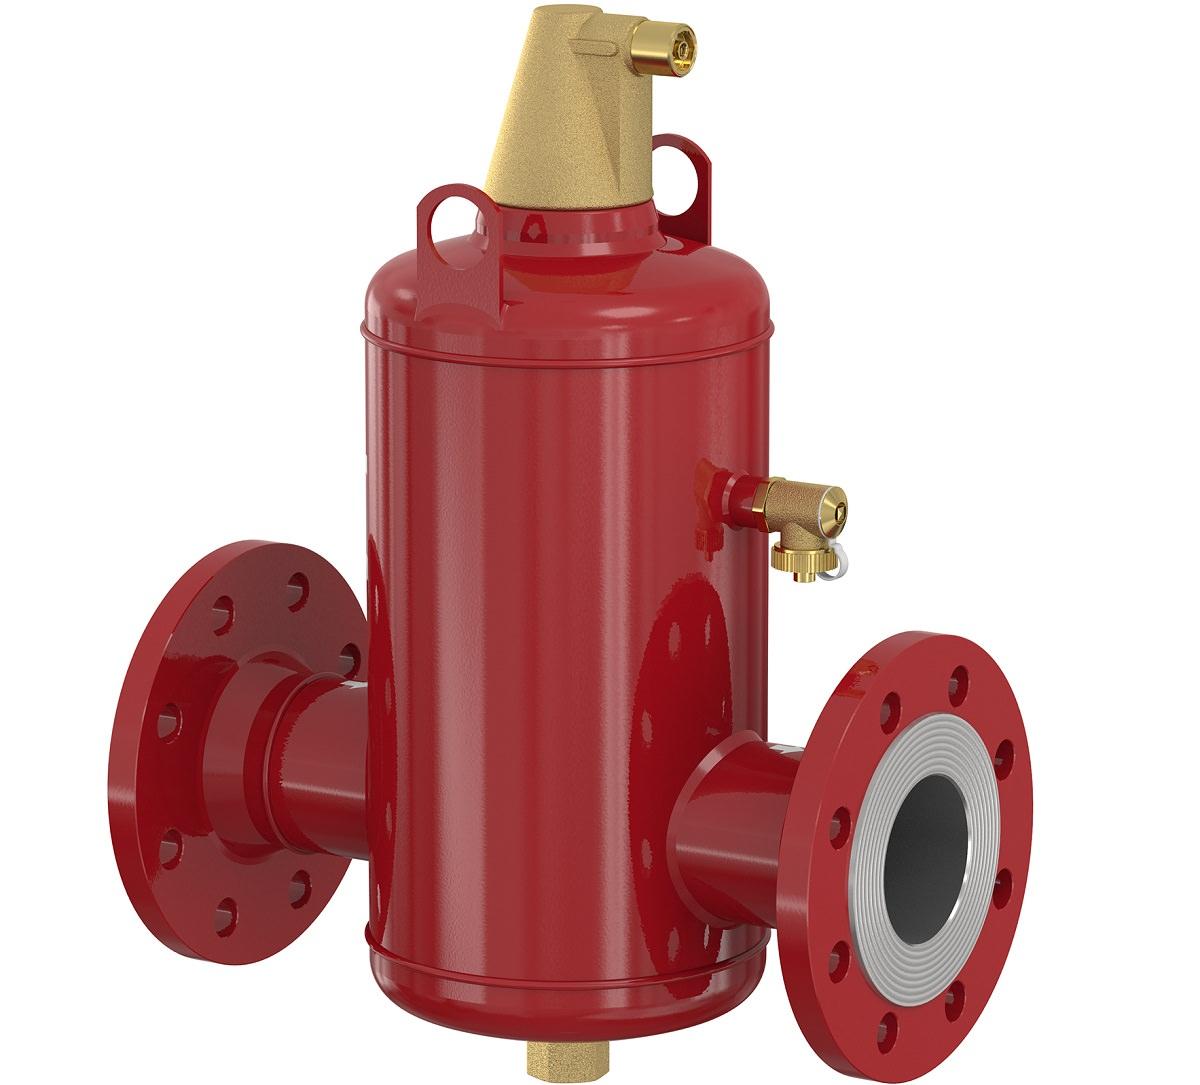 Сепаратор воздуха для отопления: принцип работы, устройство шлама, воздушный flamcovent для системы отопления